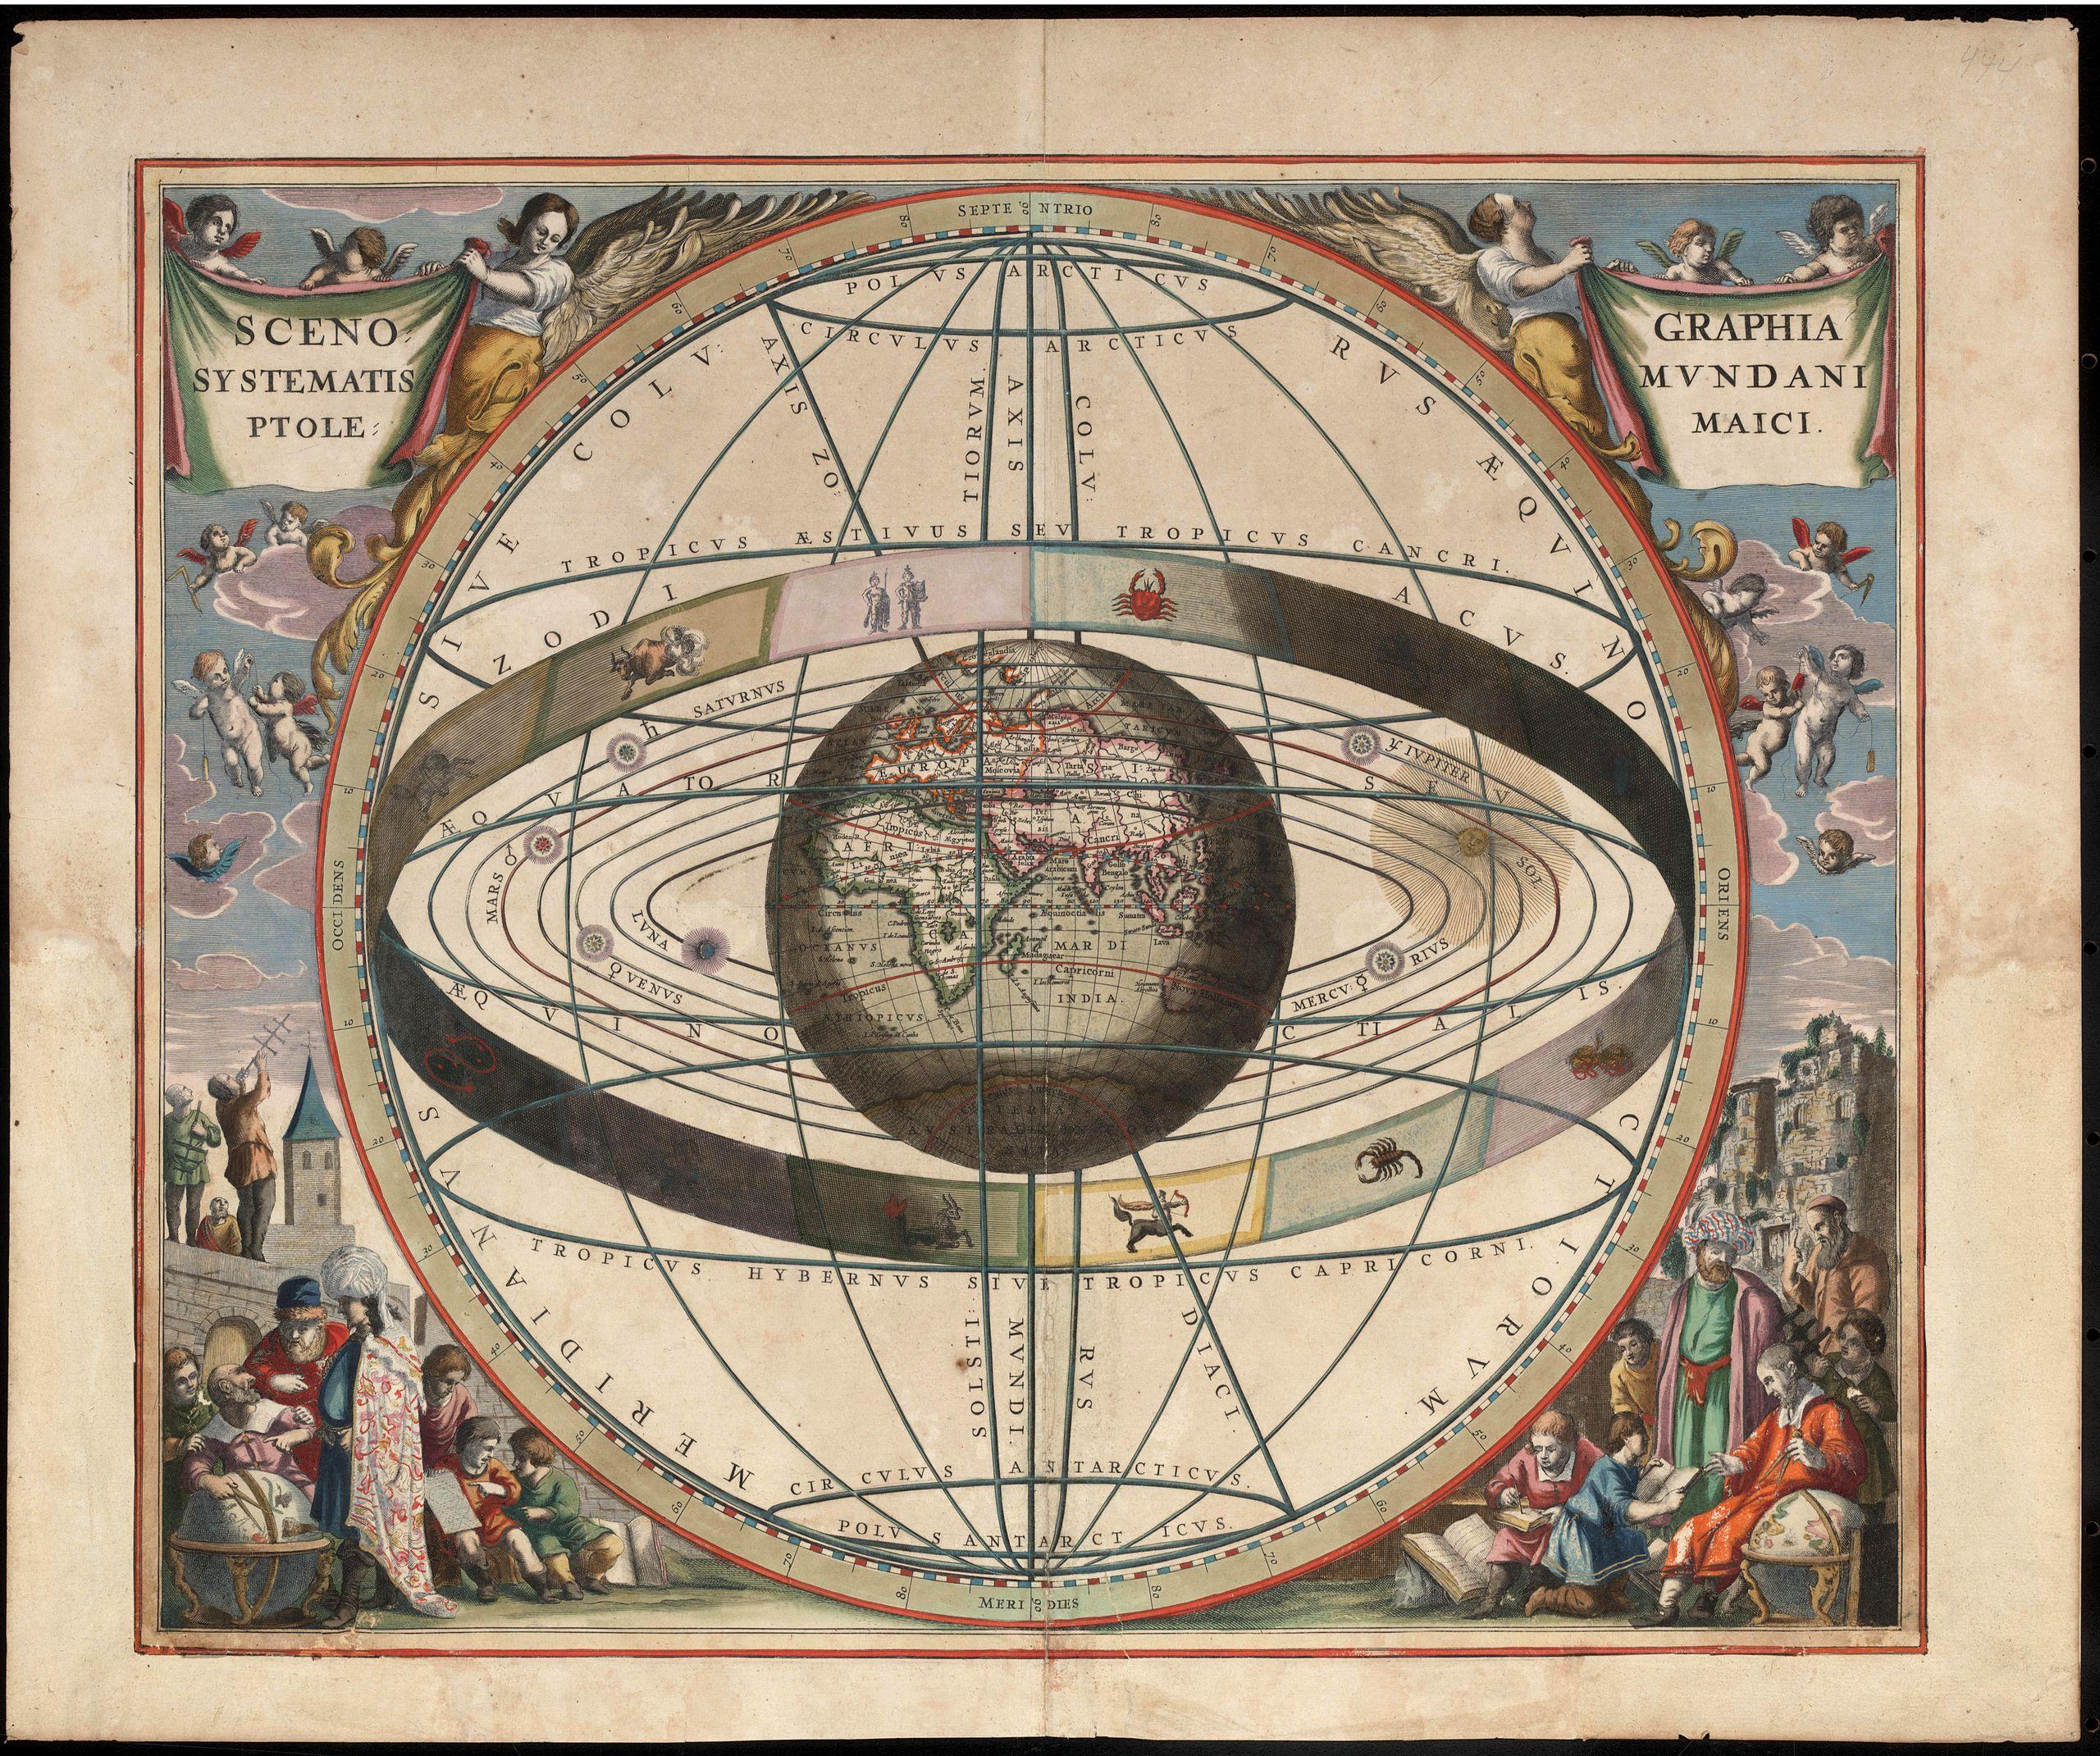 Ptolémée système géocentrique